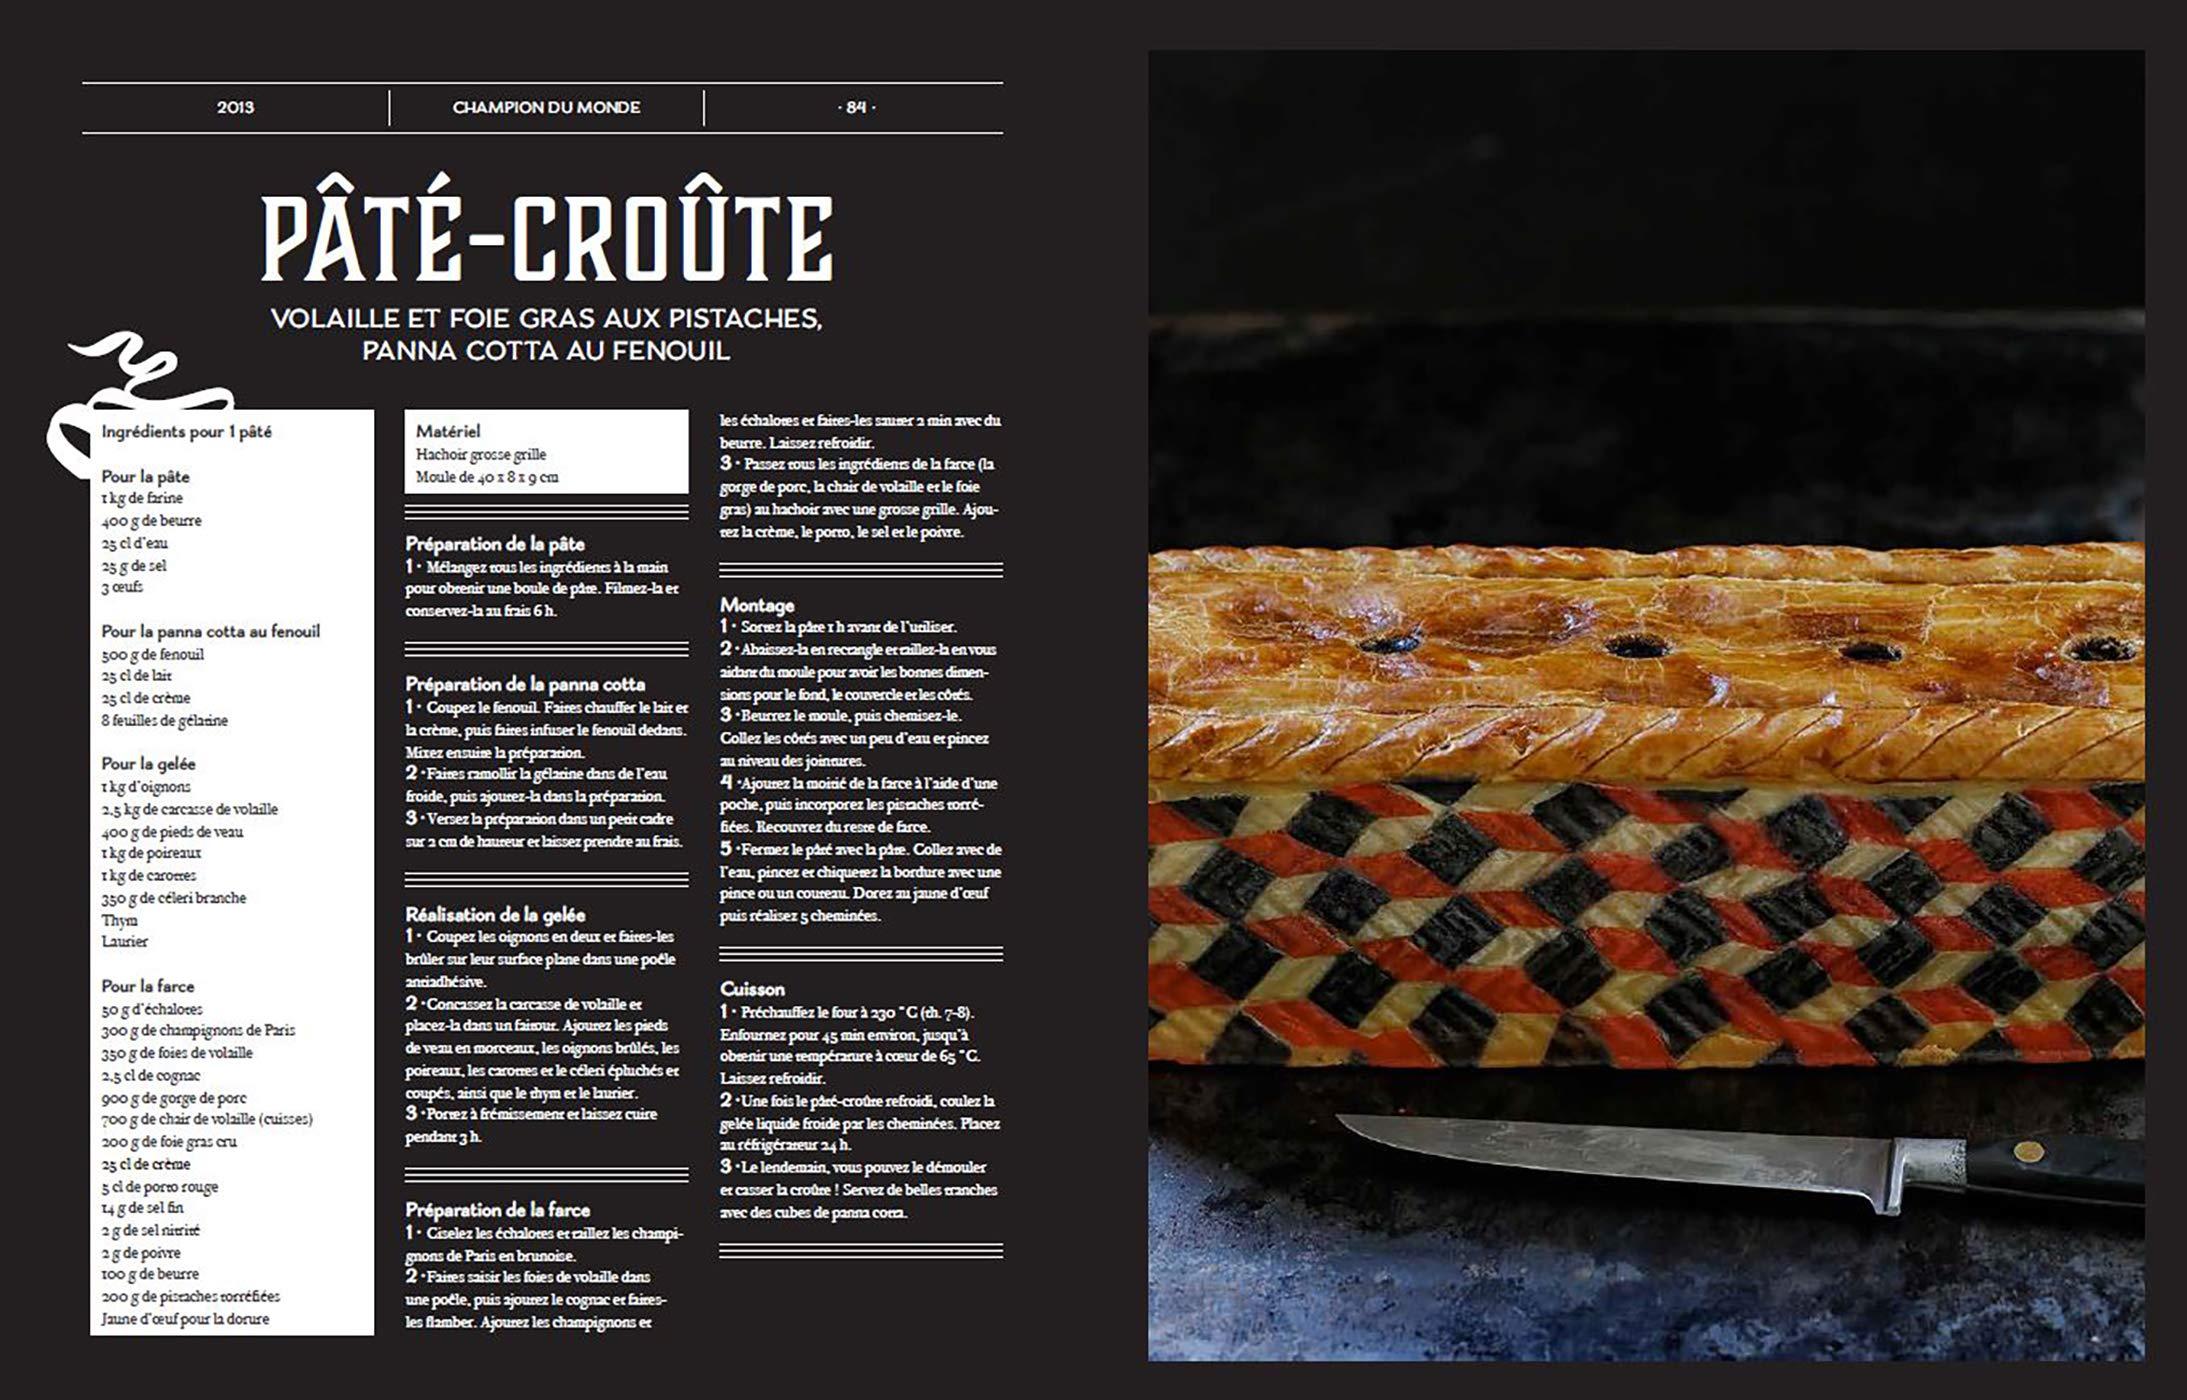 La confrérie Pâté-croûte (CUISINE): Amazon.es: Organisateurs du championnat du monde de Pâté croûte: Libros en idiomas extranjeros